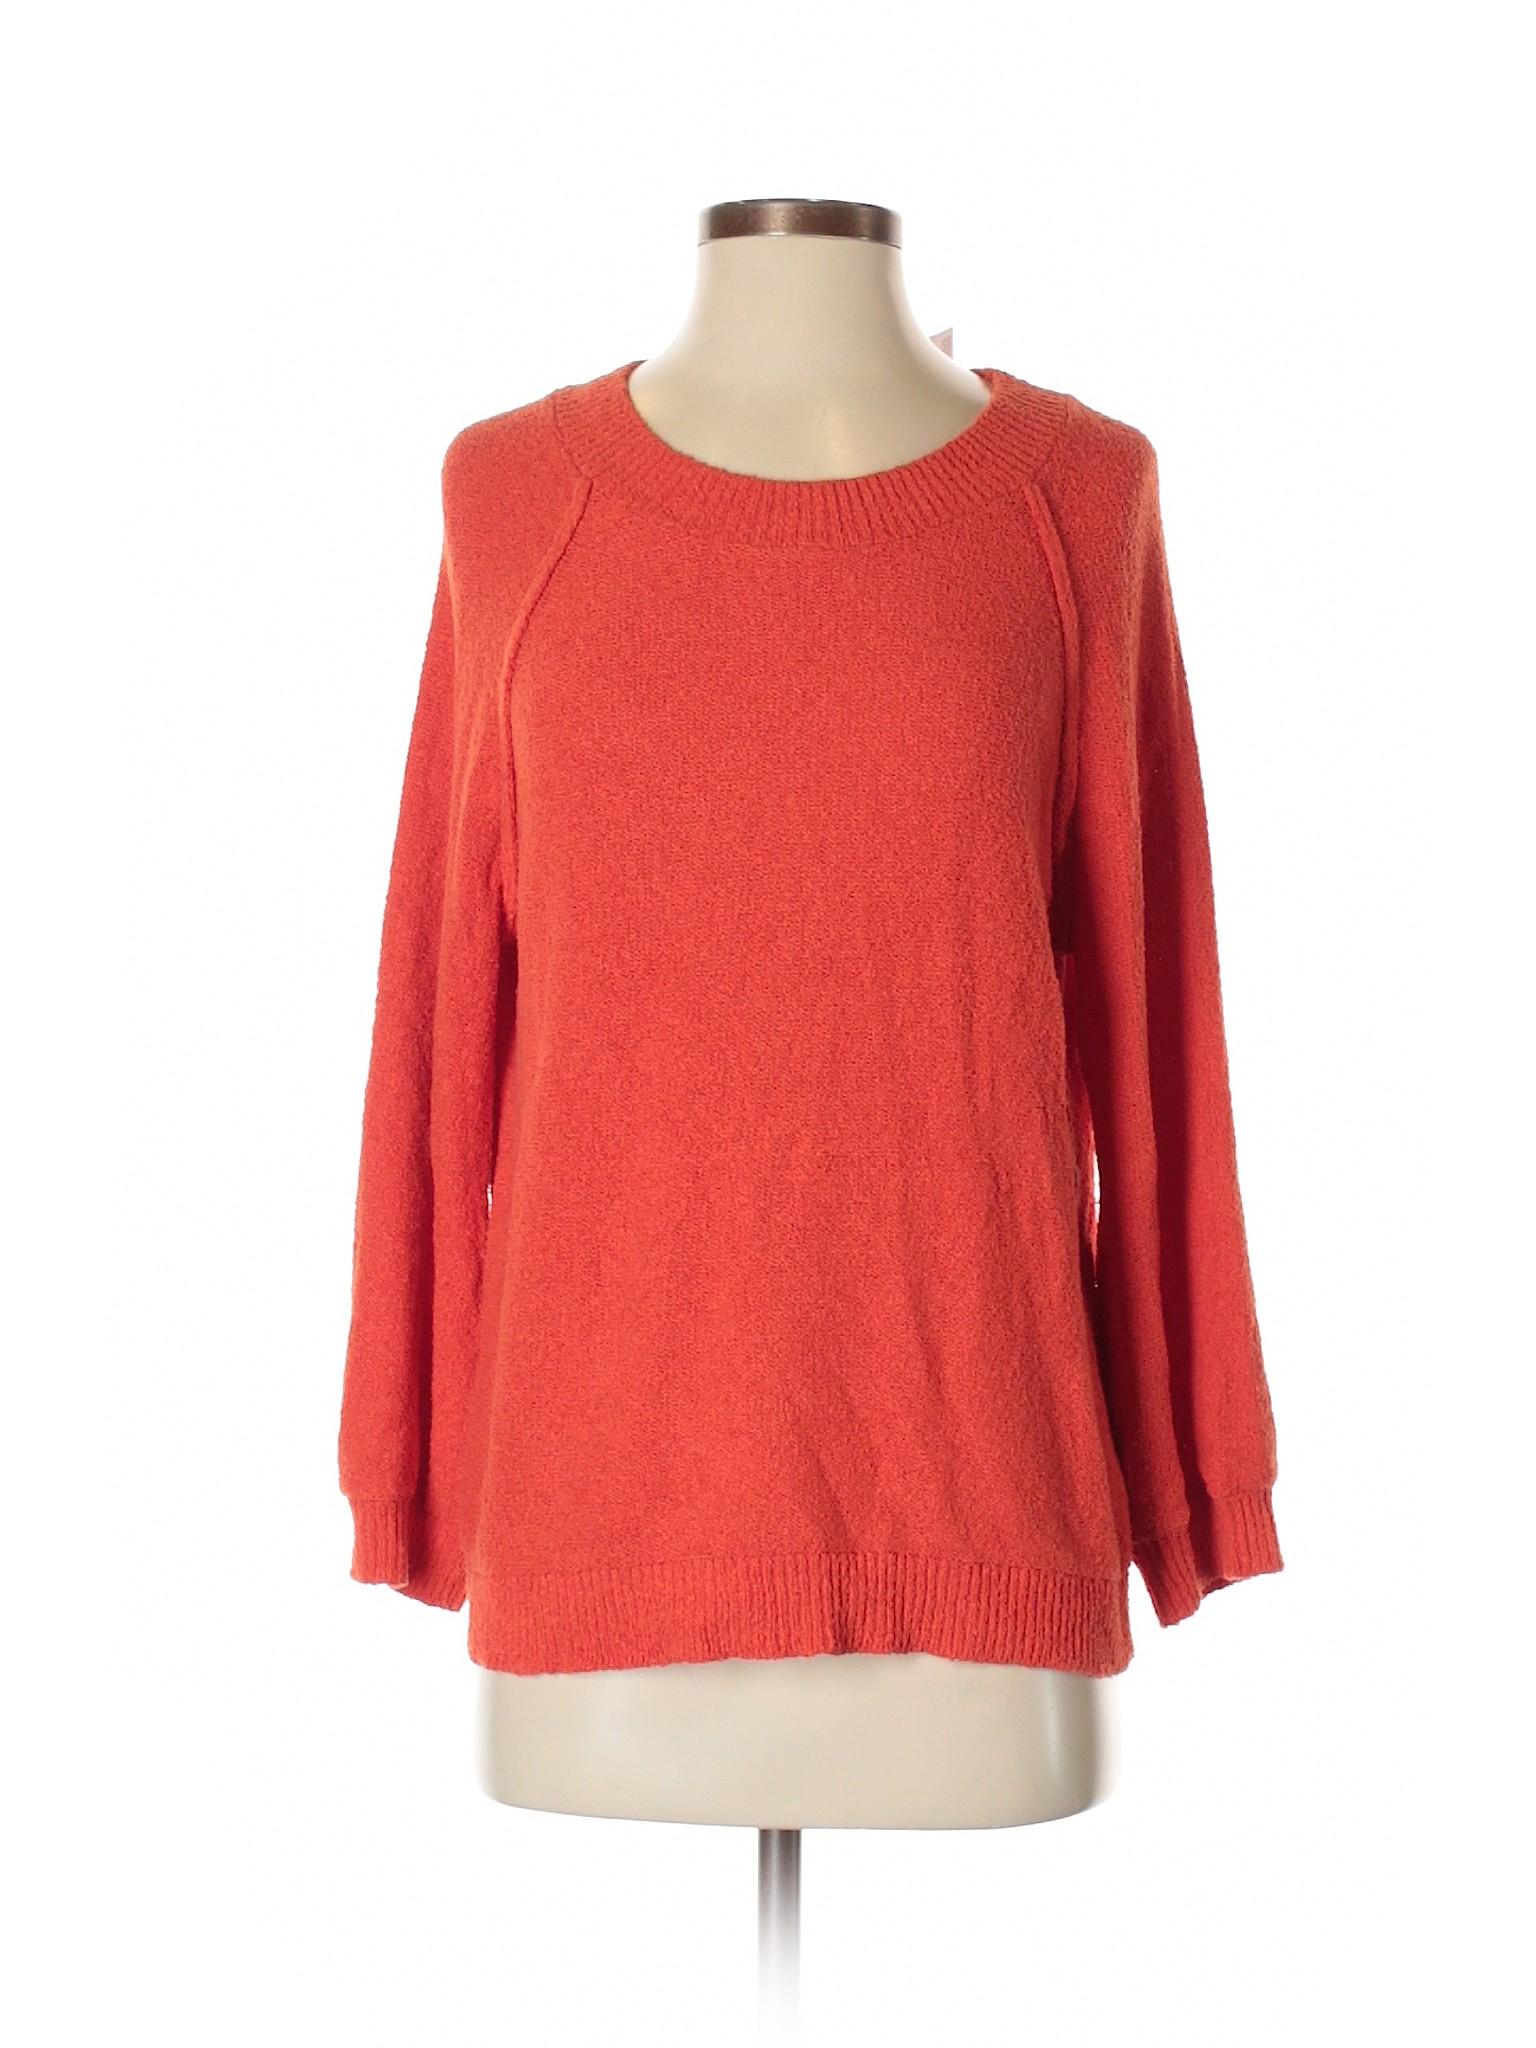 Boutique Taylor LOFT Sweater Pullover Ann nC4qz8pw